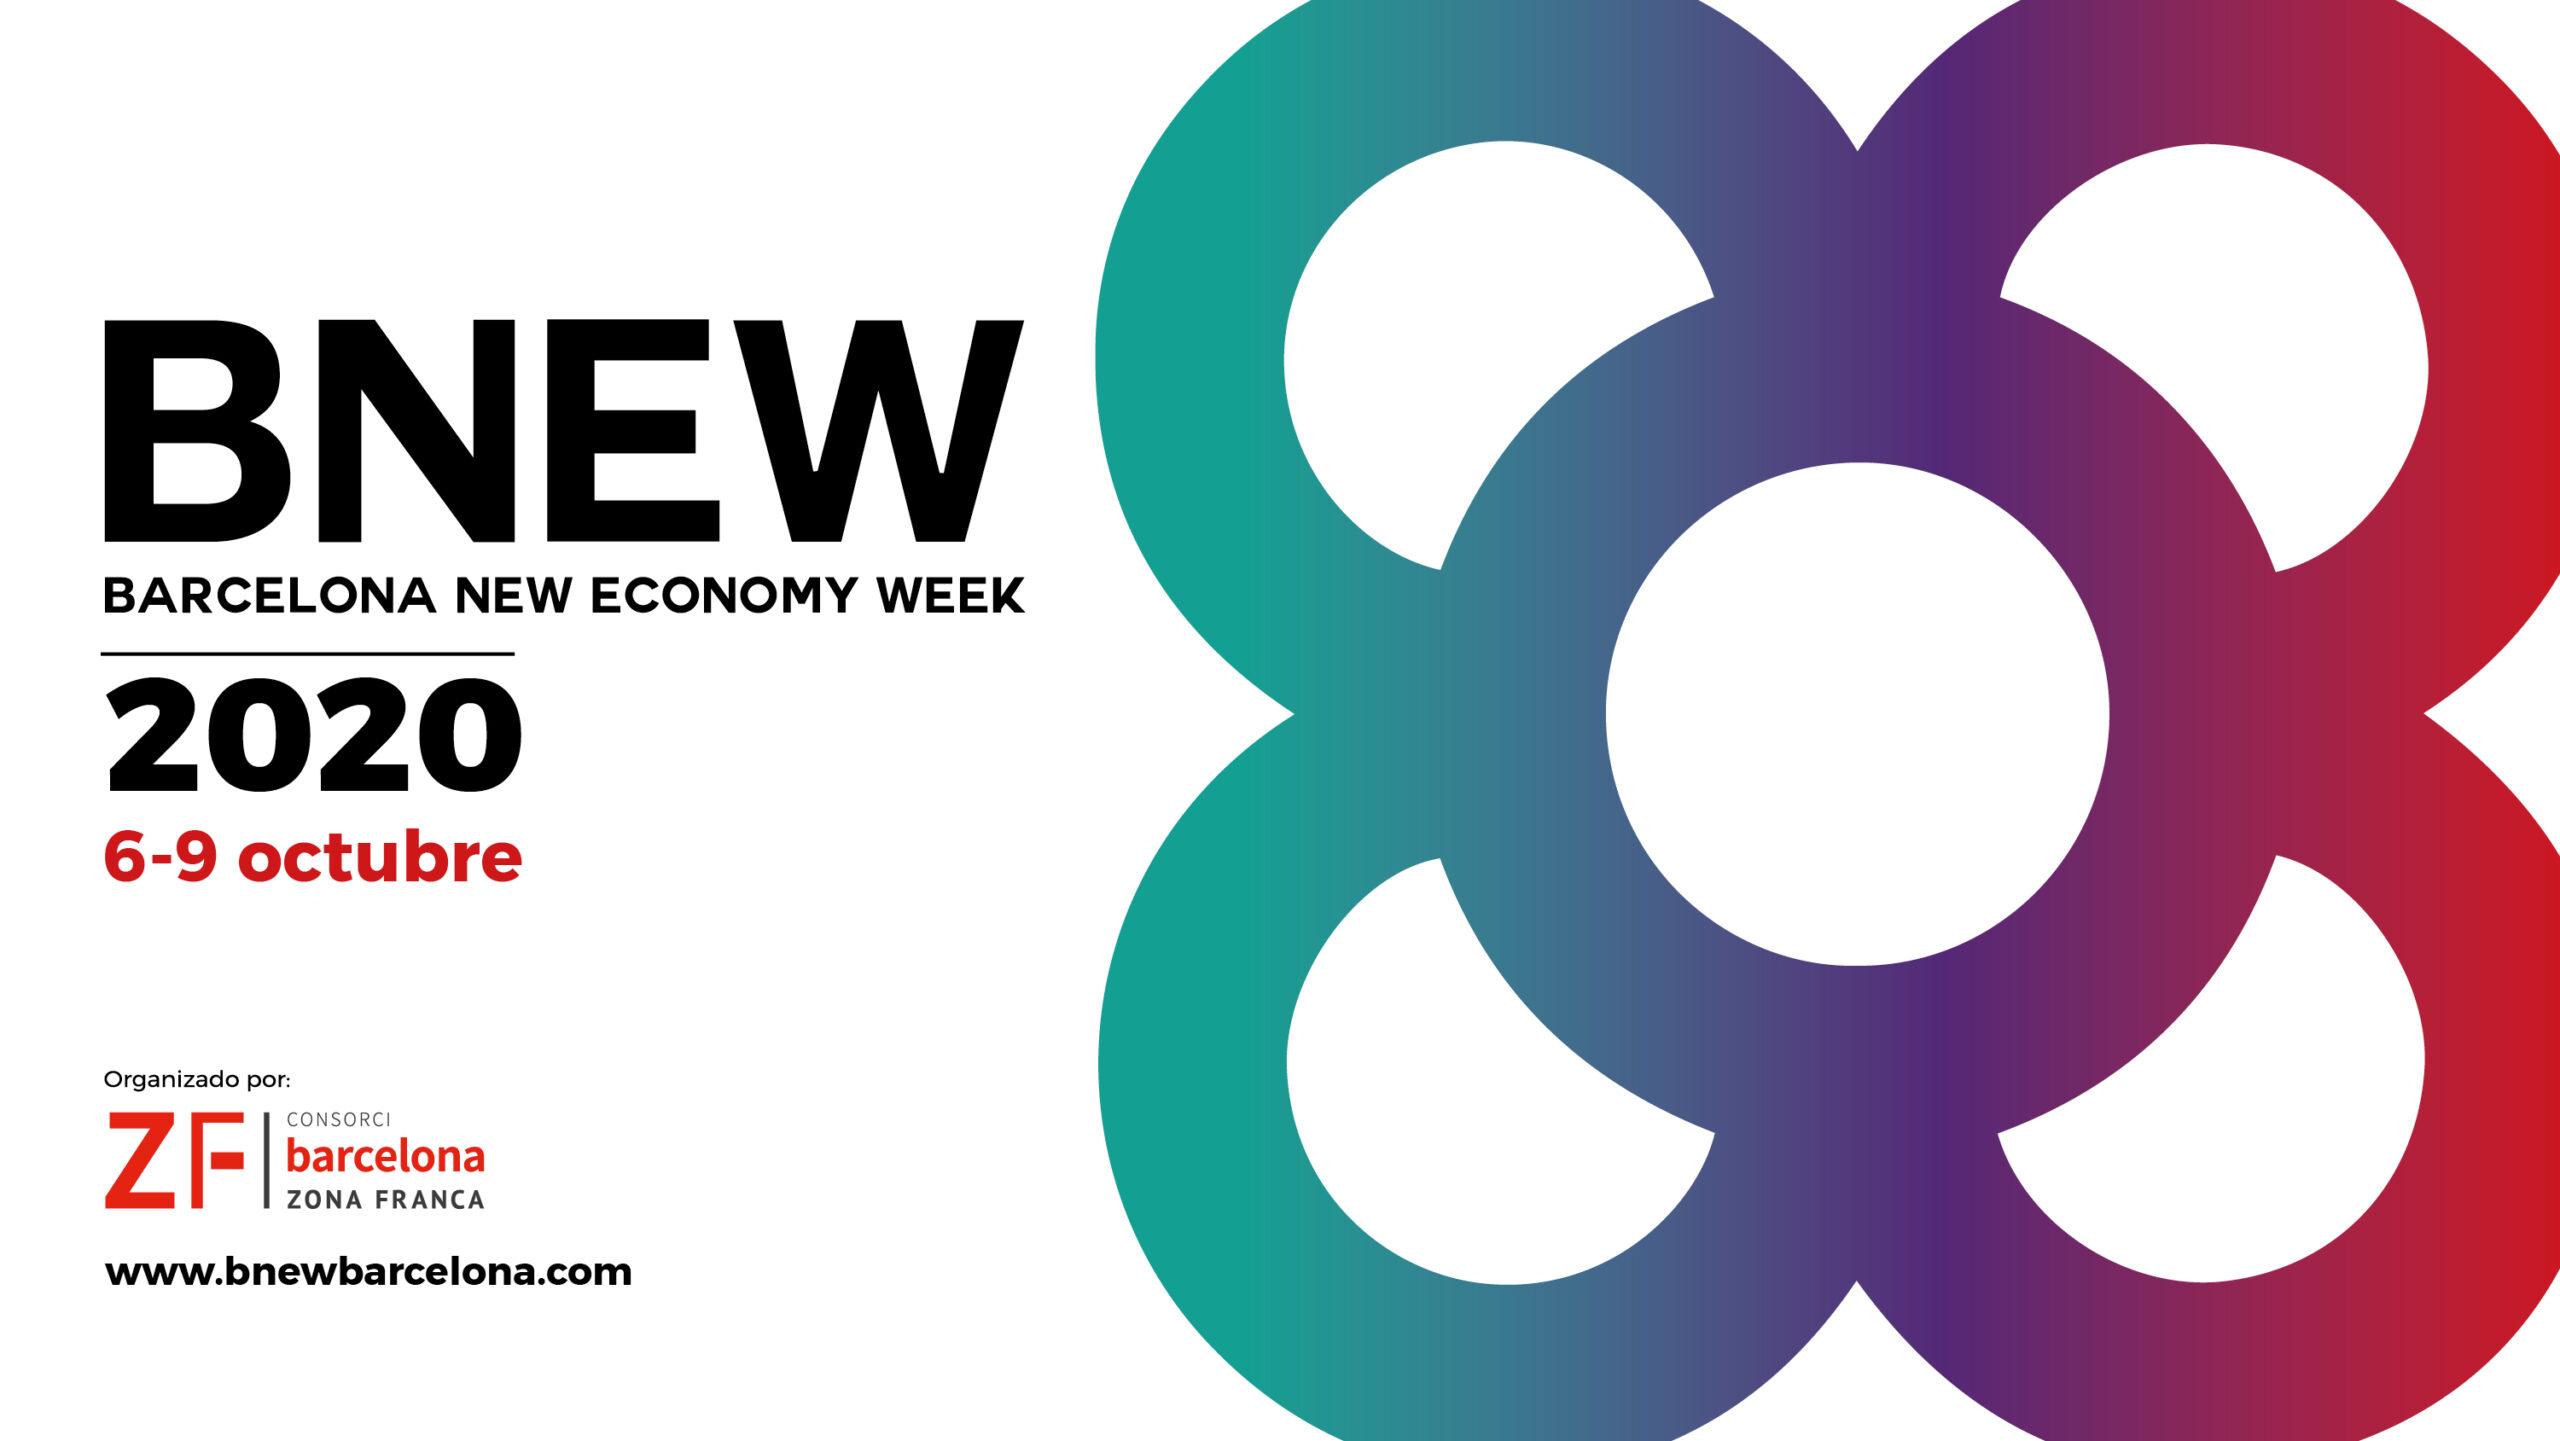 BNEW 2020